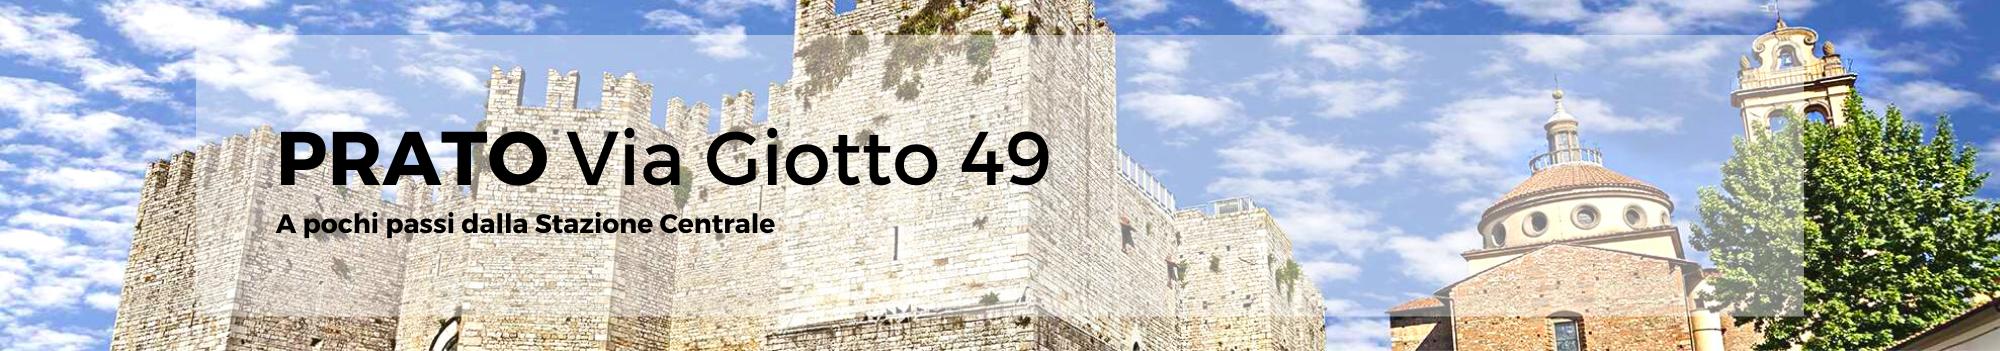 PRATO Via Giotto 49